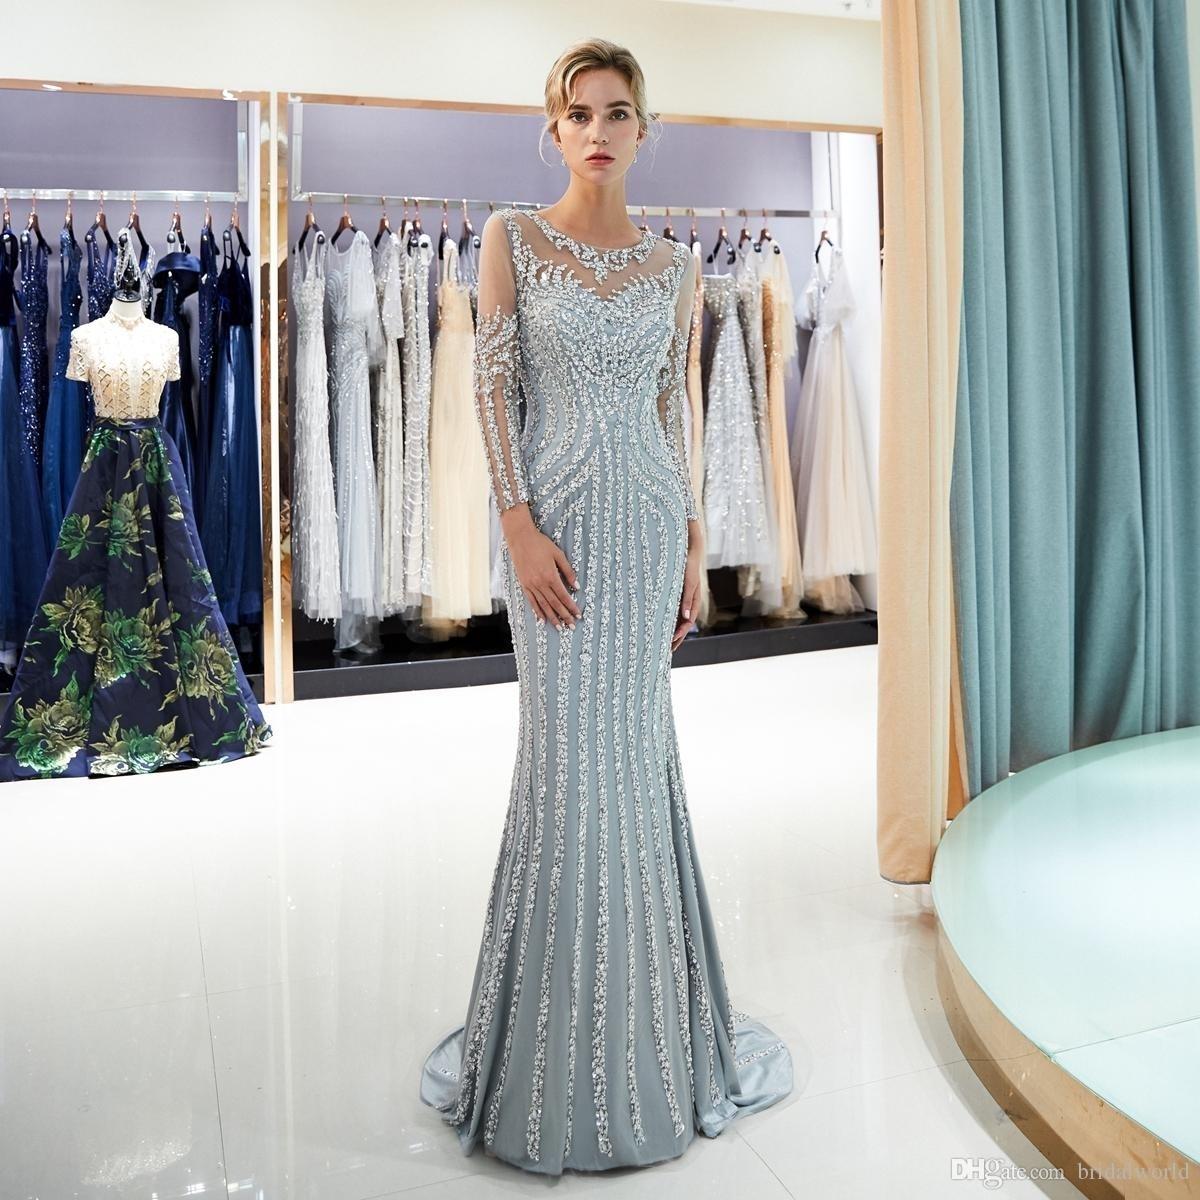 16 Fantastisch Damen Kleider Für Besondere Anlässe Boutique